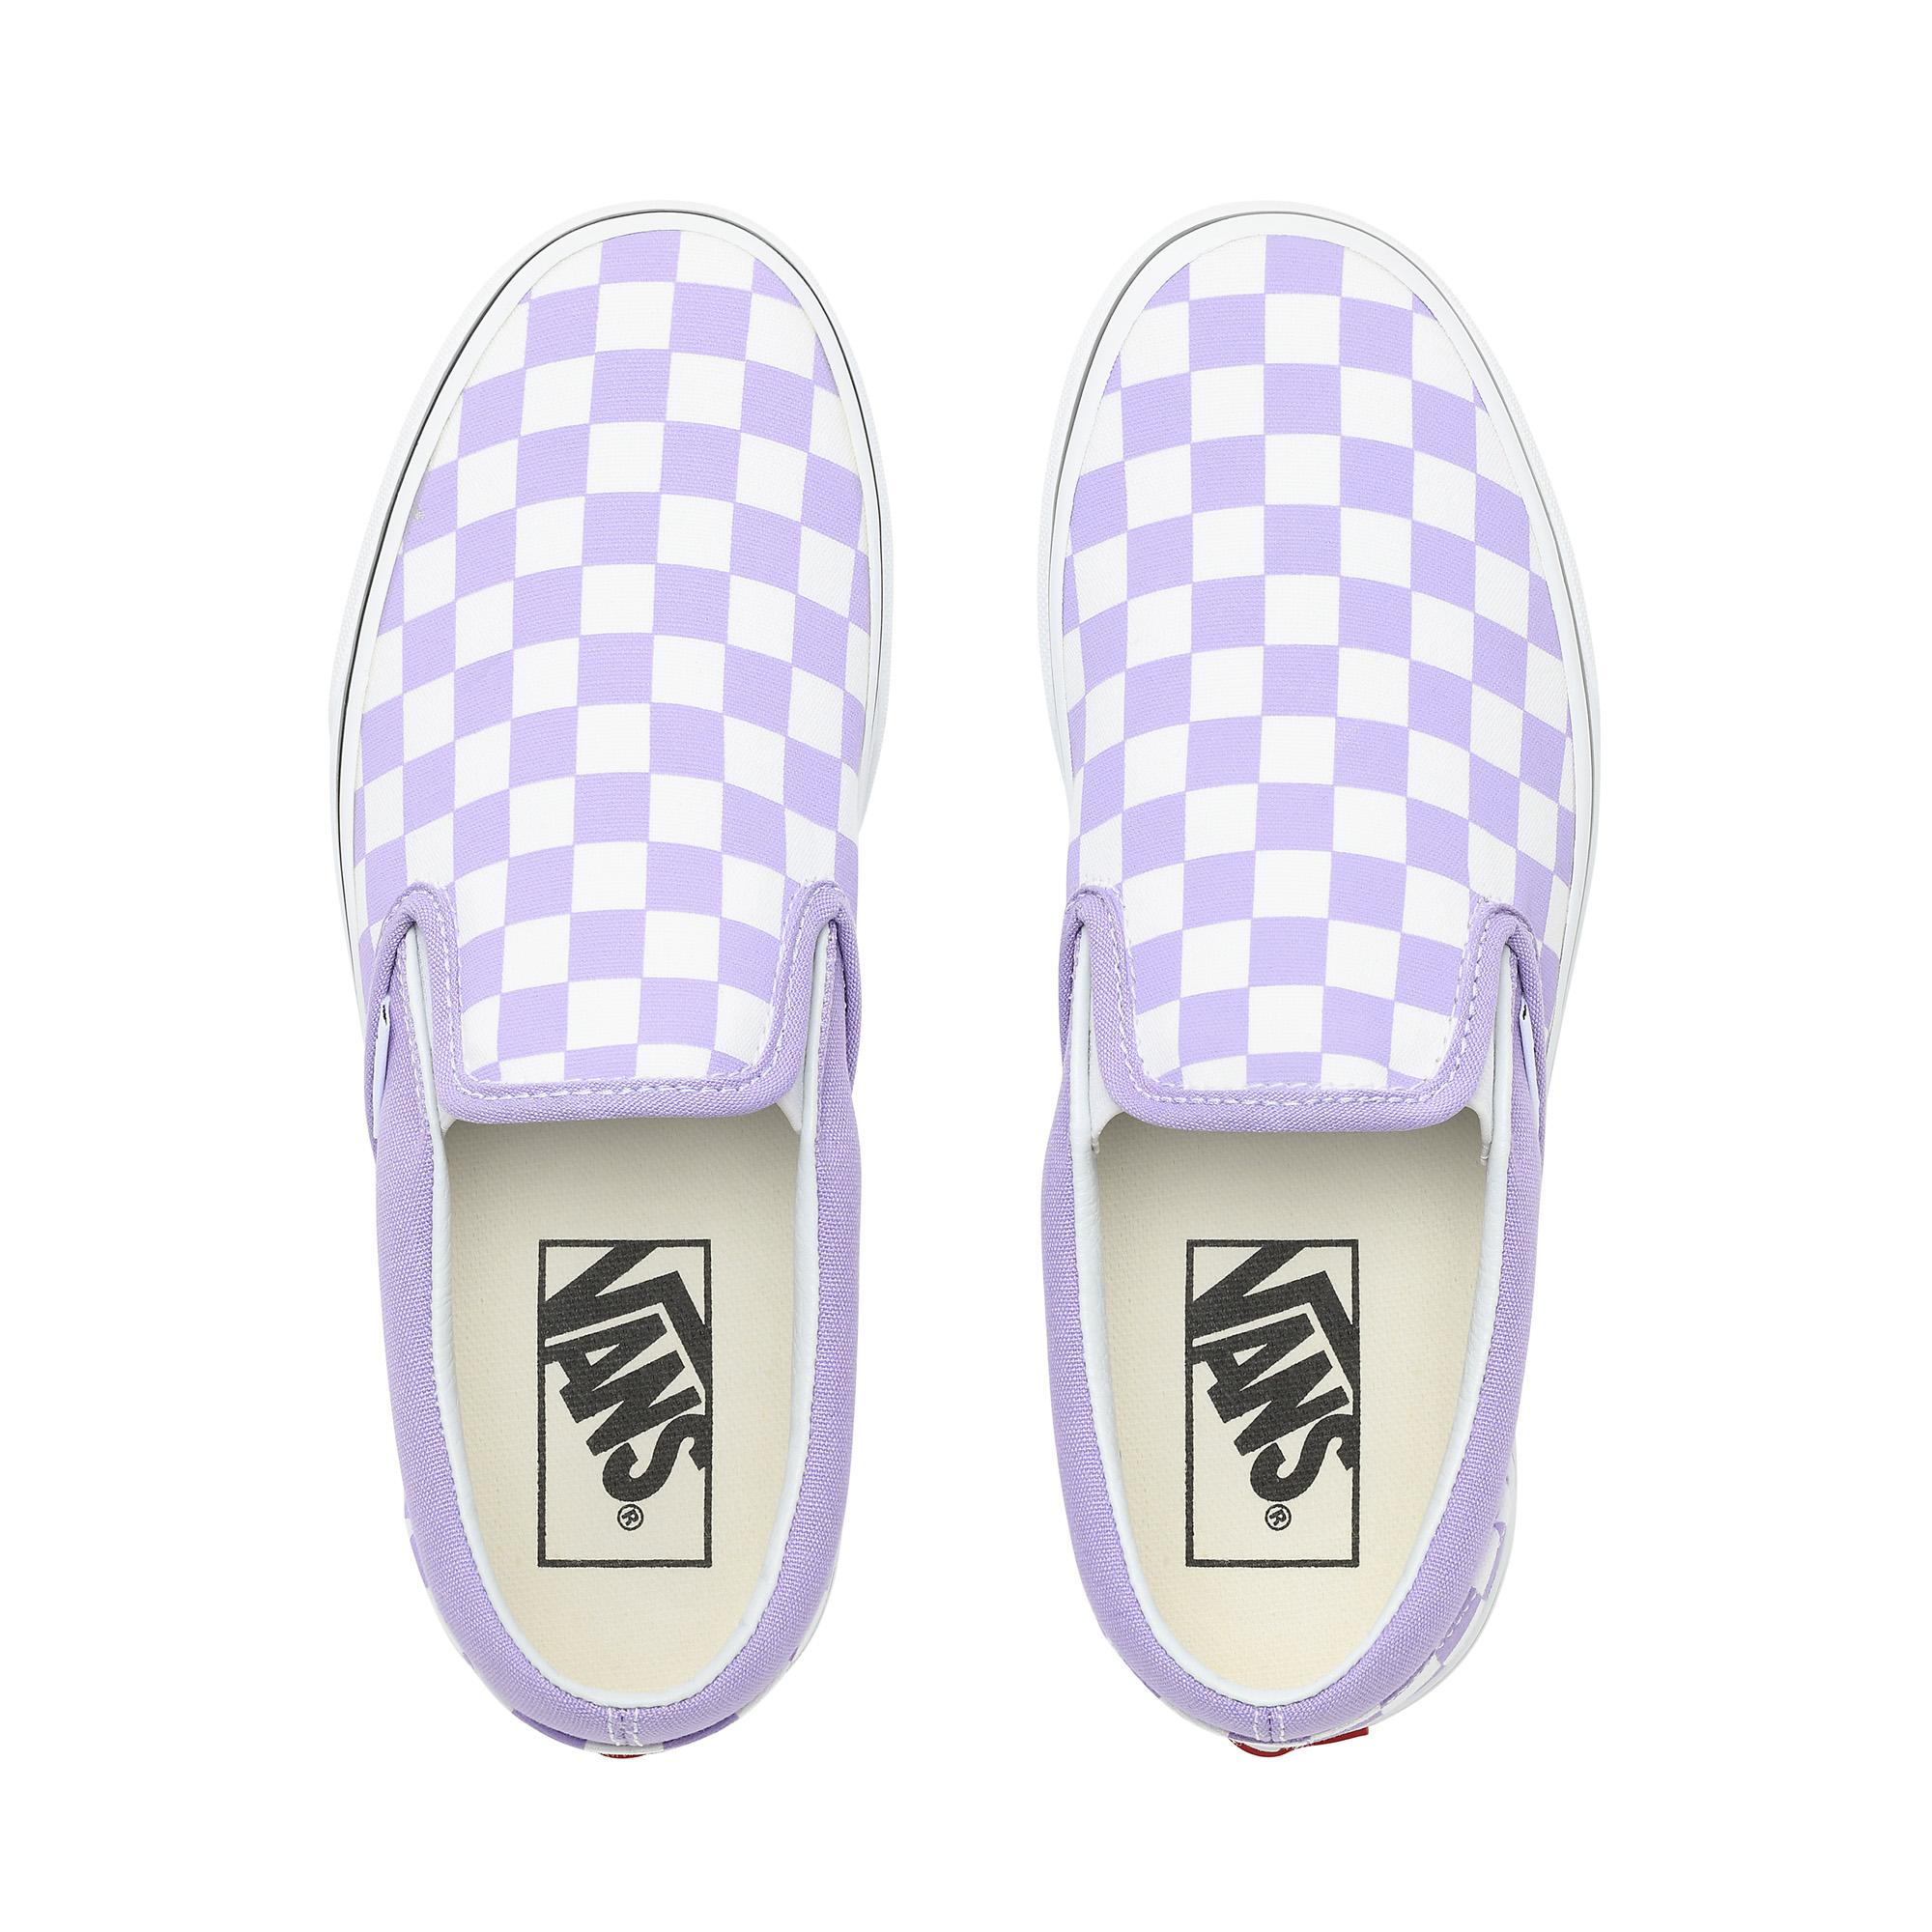 Фото 2 - Кеды Classic Slip-On фиолетового цвета